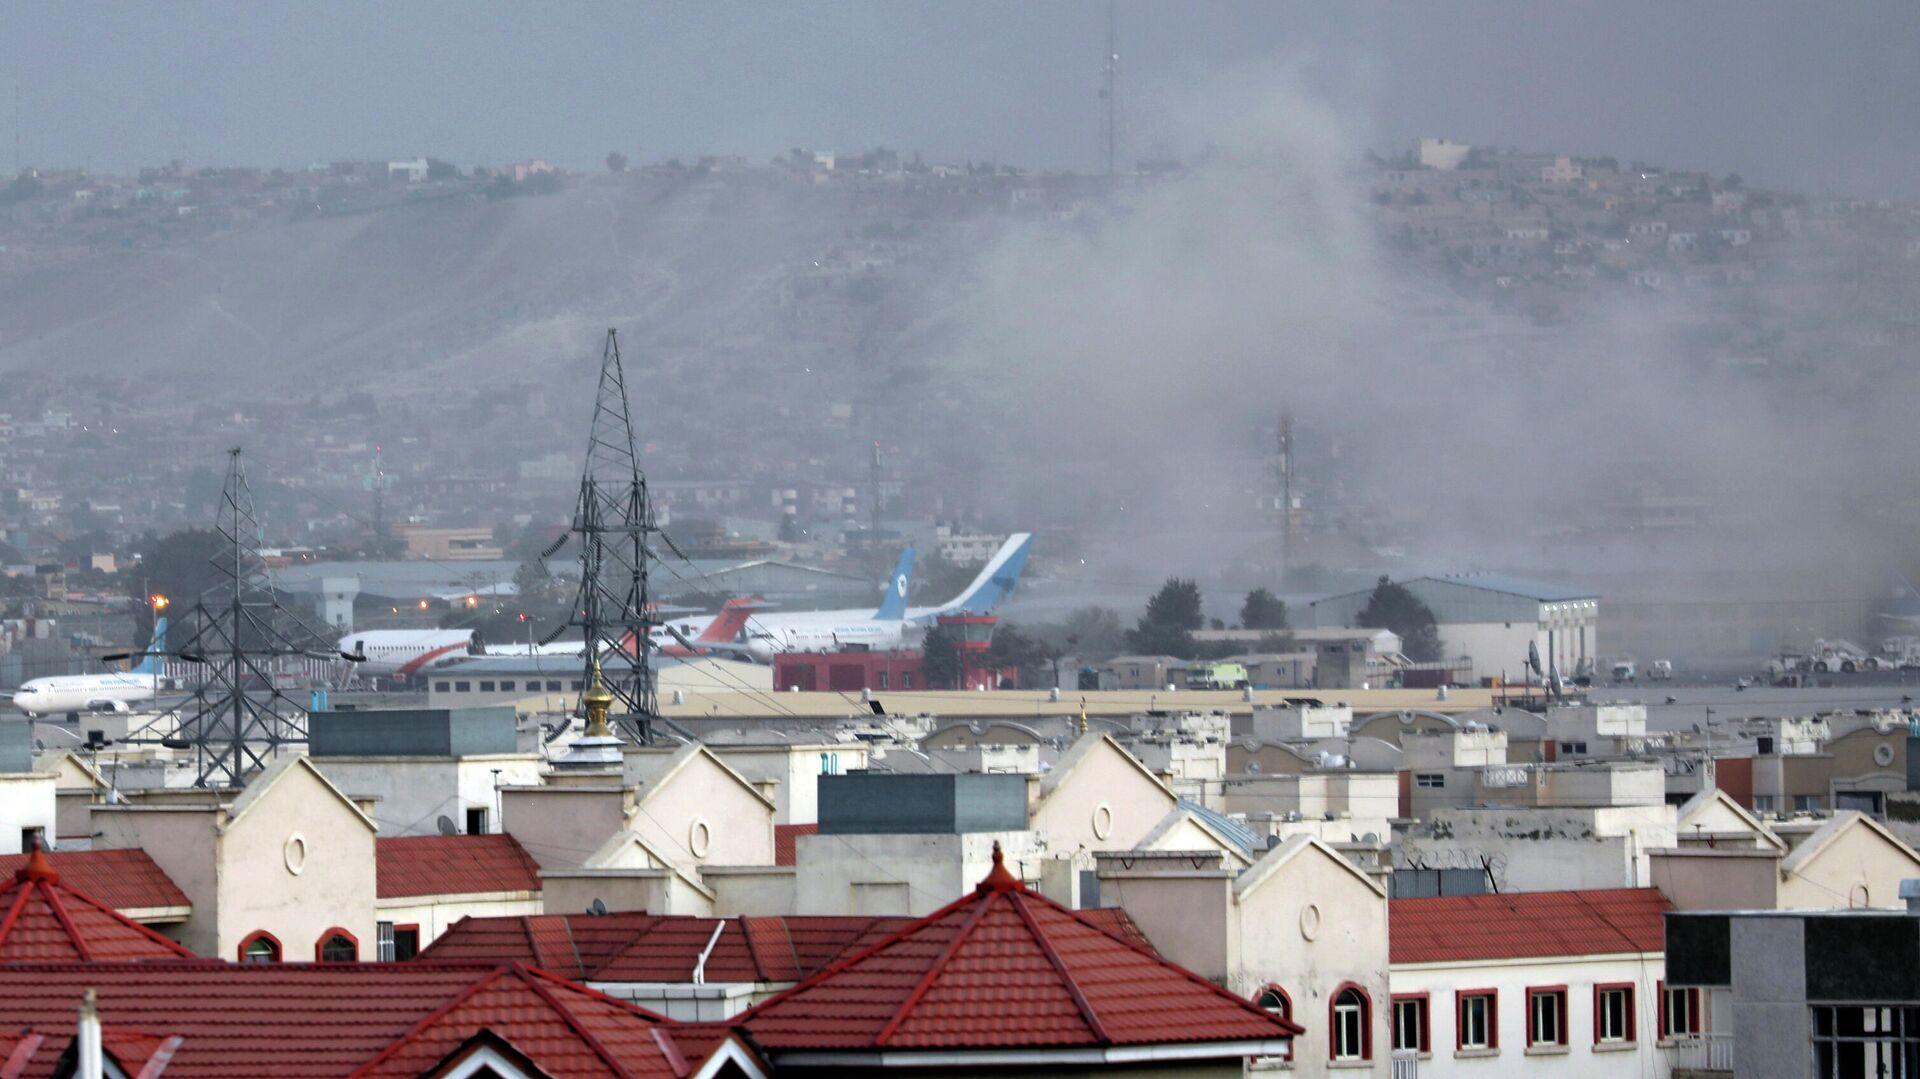 Дым от взрыва возле аэропорта Кабула  - РИА Новости, 1920, 26.08.2021